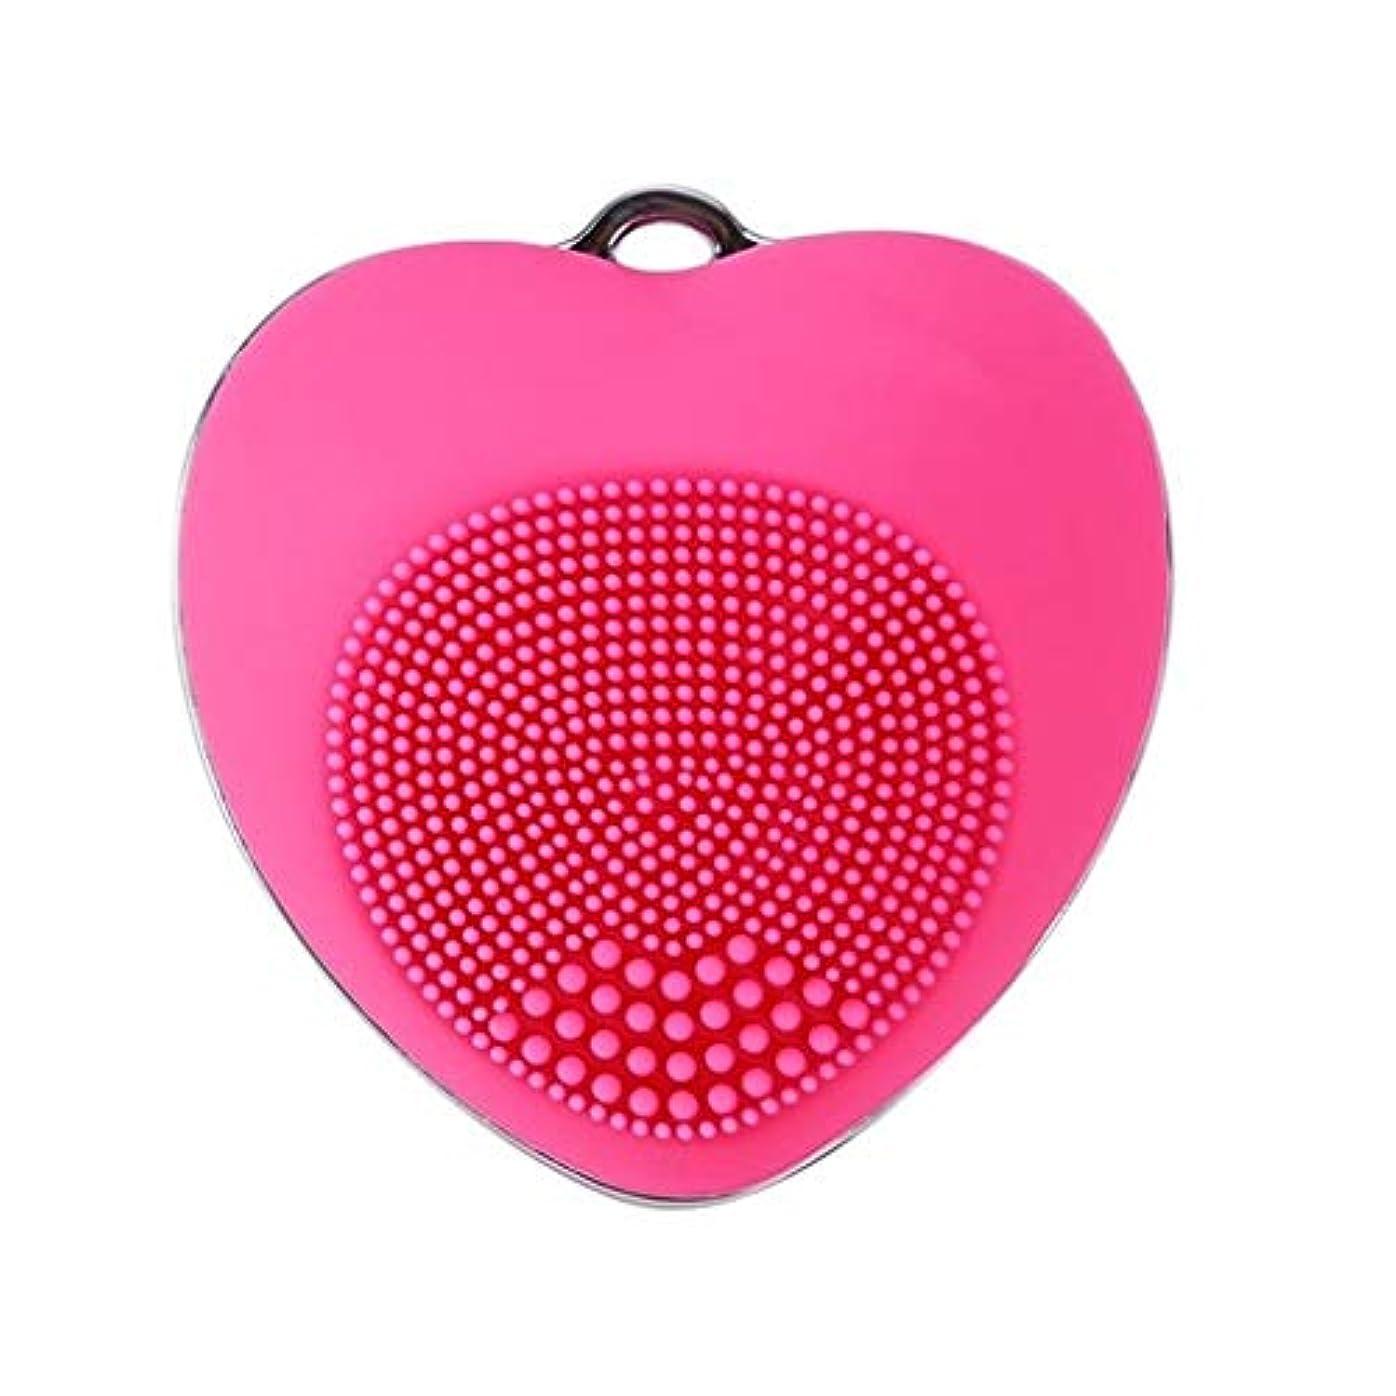 危険なジャズコンピューターゲームをプレイする電気クレンジング器具、超音波洗浄ポータブルフェイシャルマッサージャーきれいな毛穴深いクレンジング穏やかな角質除去黒ずみを除去 (Color : Rose Red)